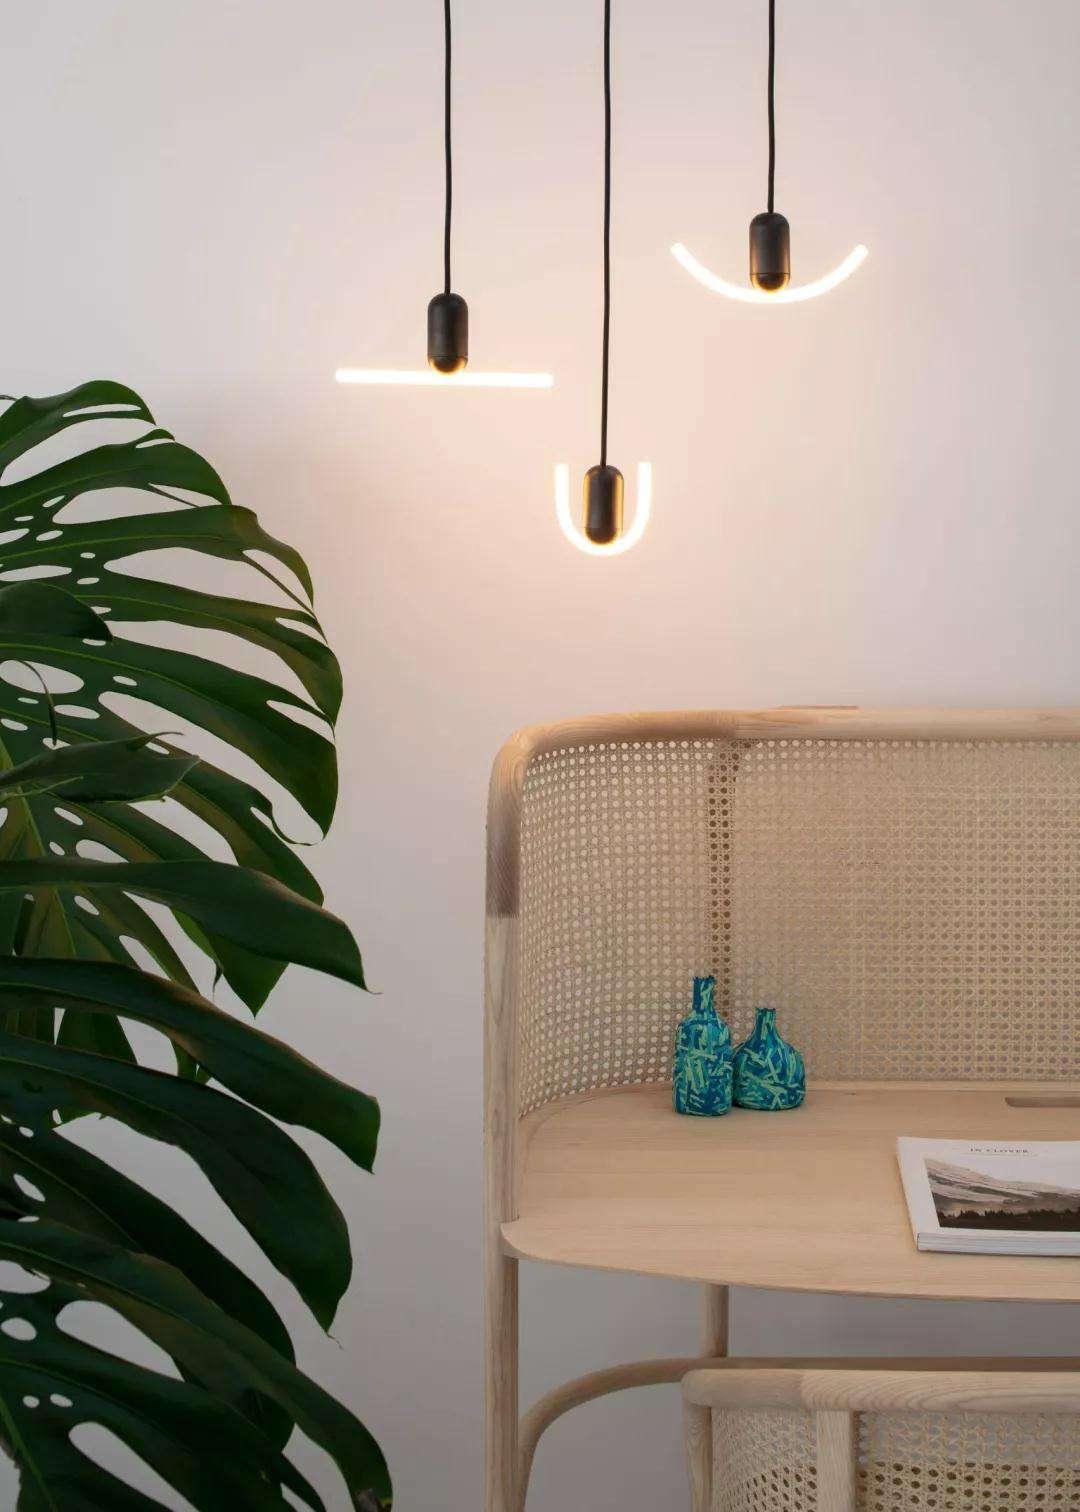 创新!这家英国公司推出了可调色温的LED灯丝灯